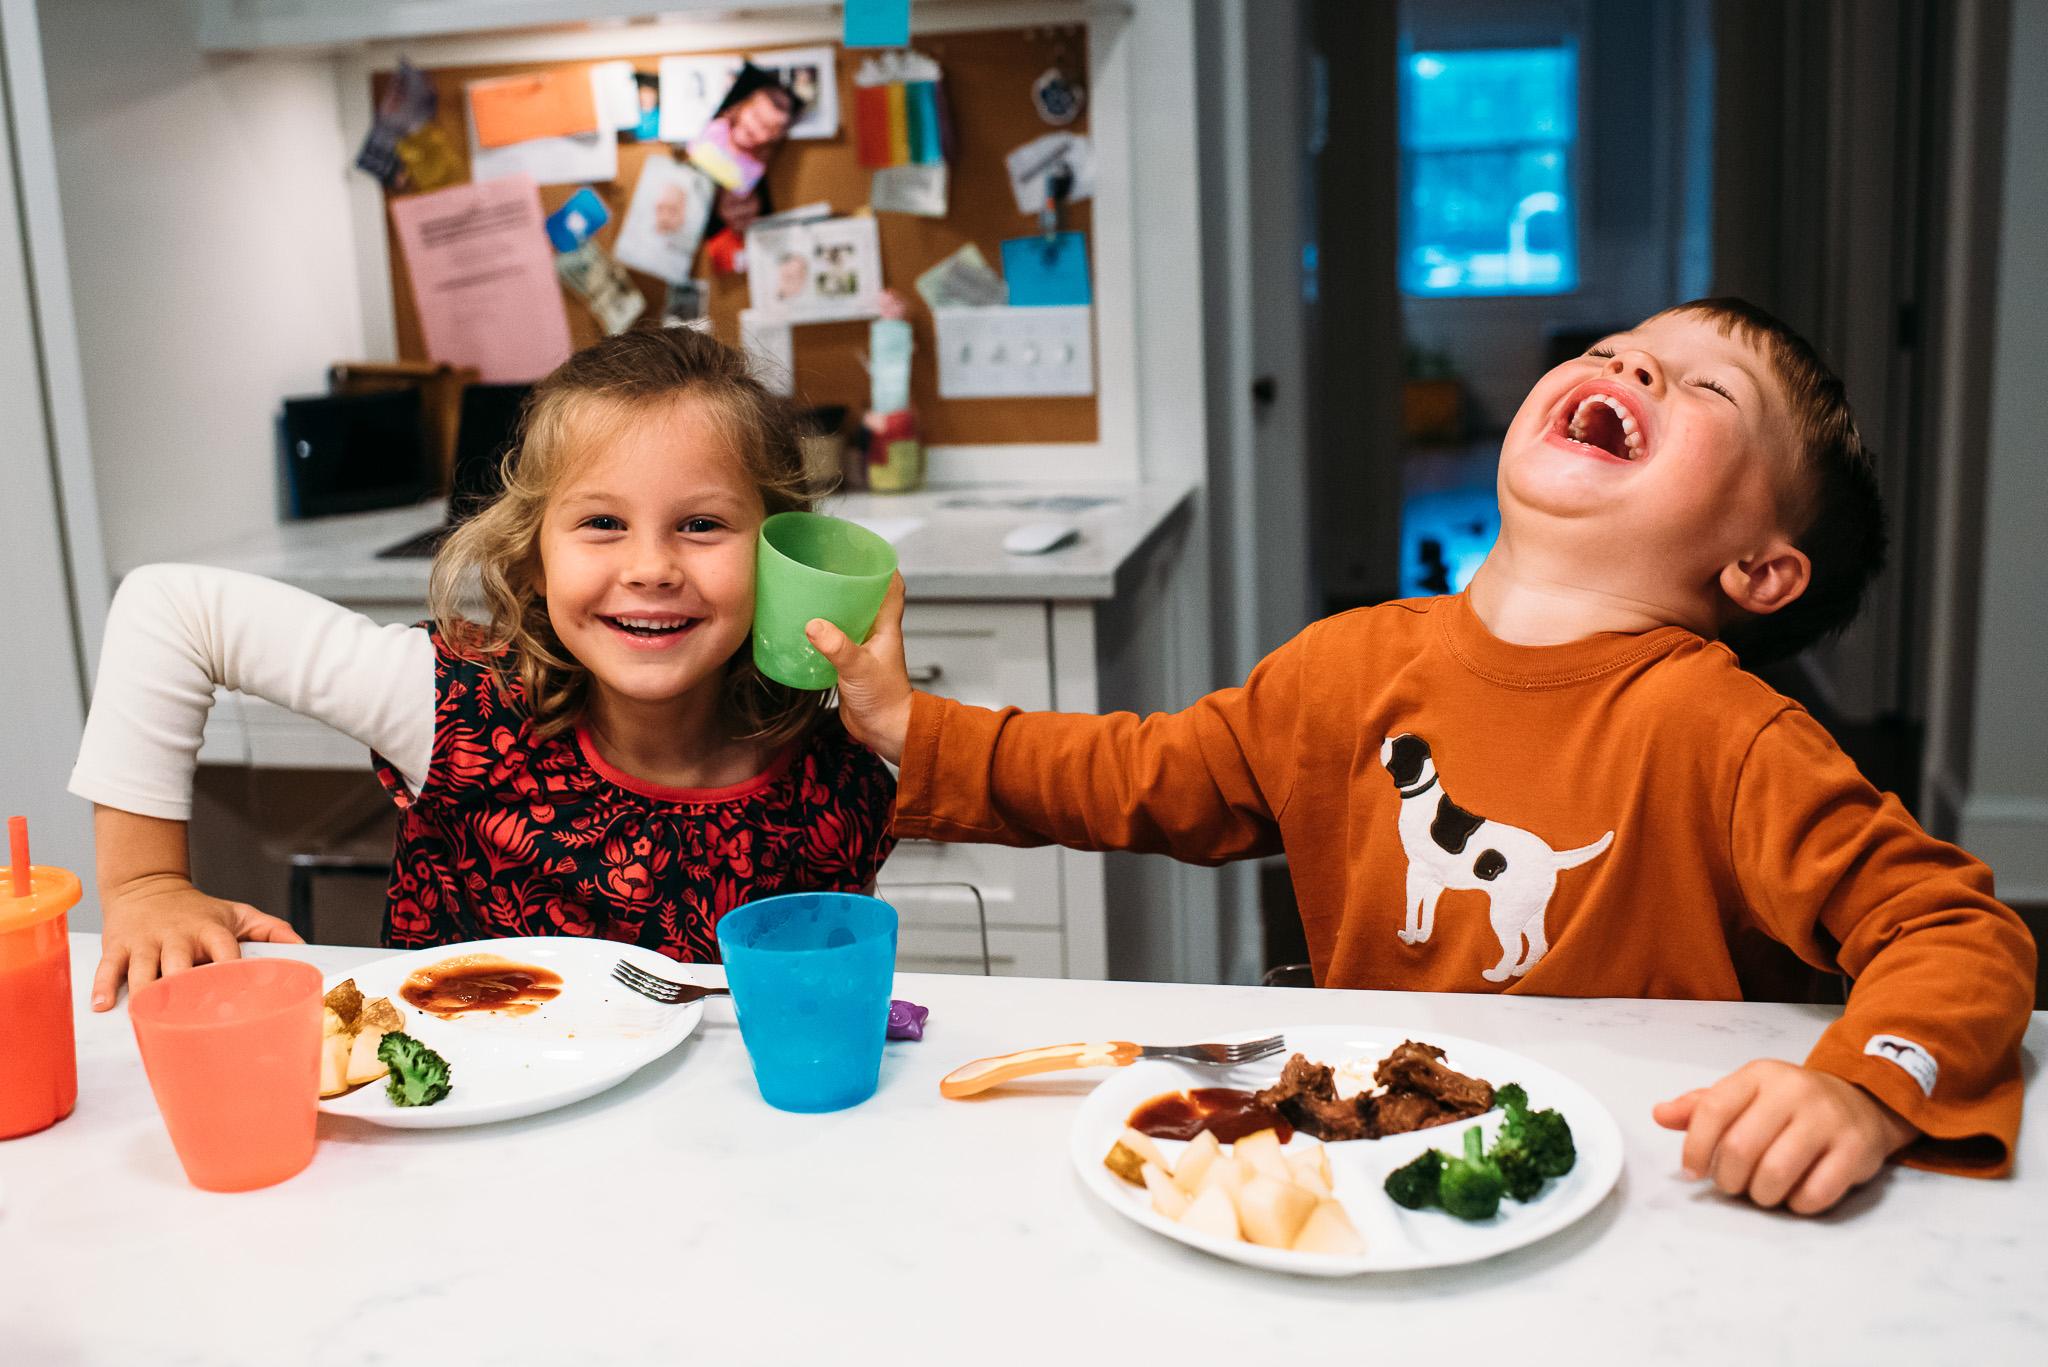 Children having fun while eating dinner.